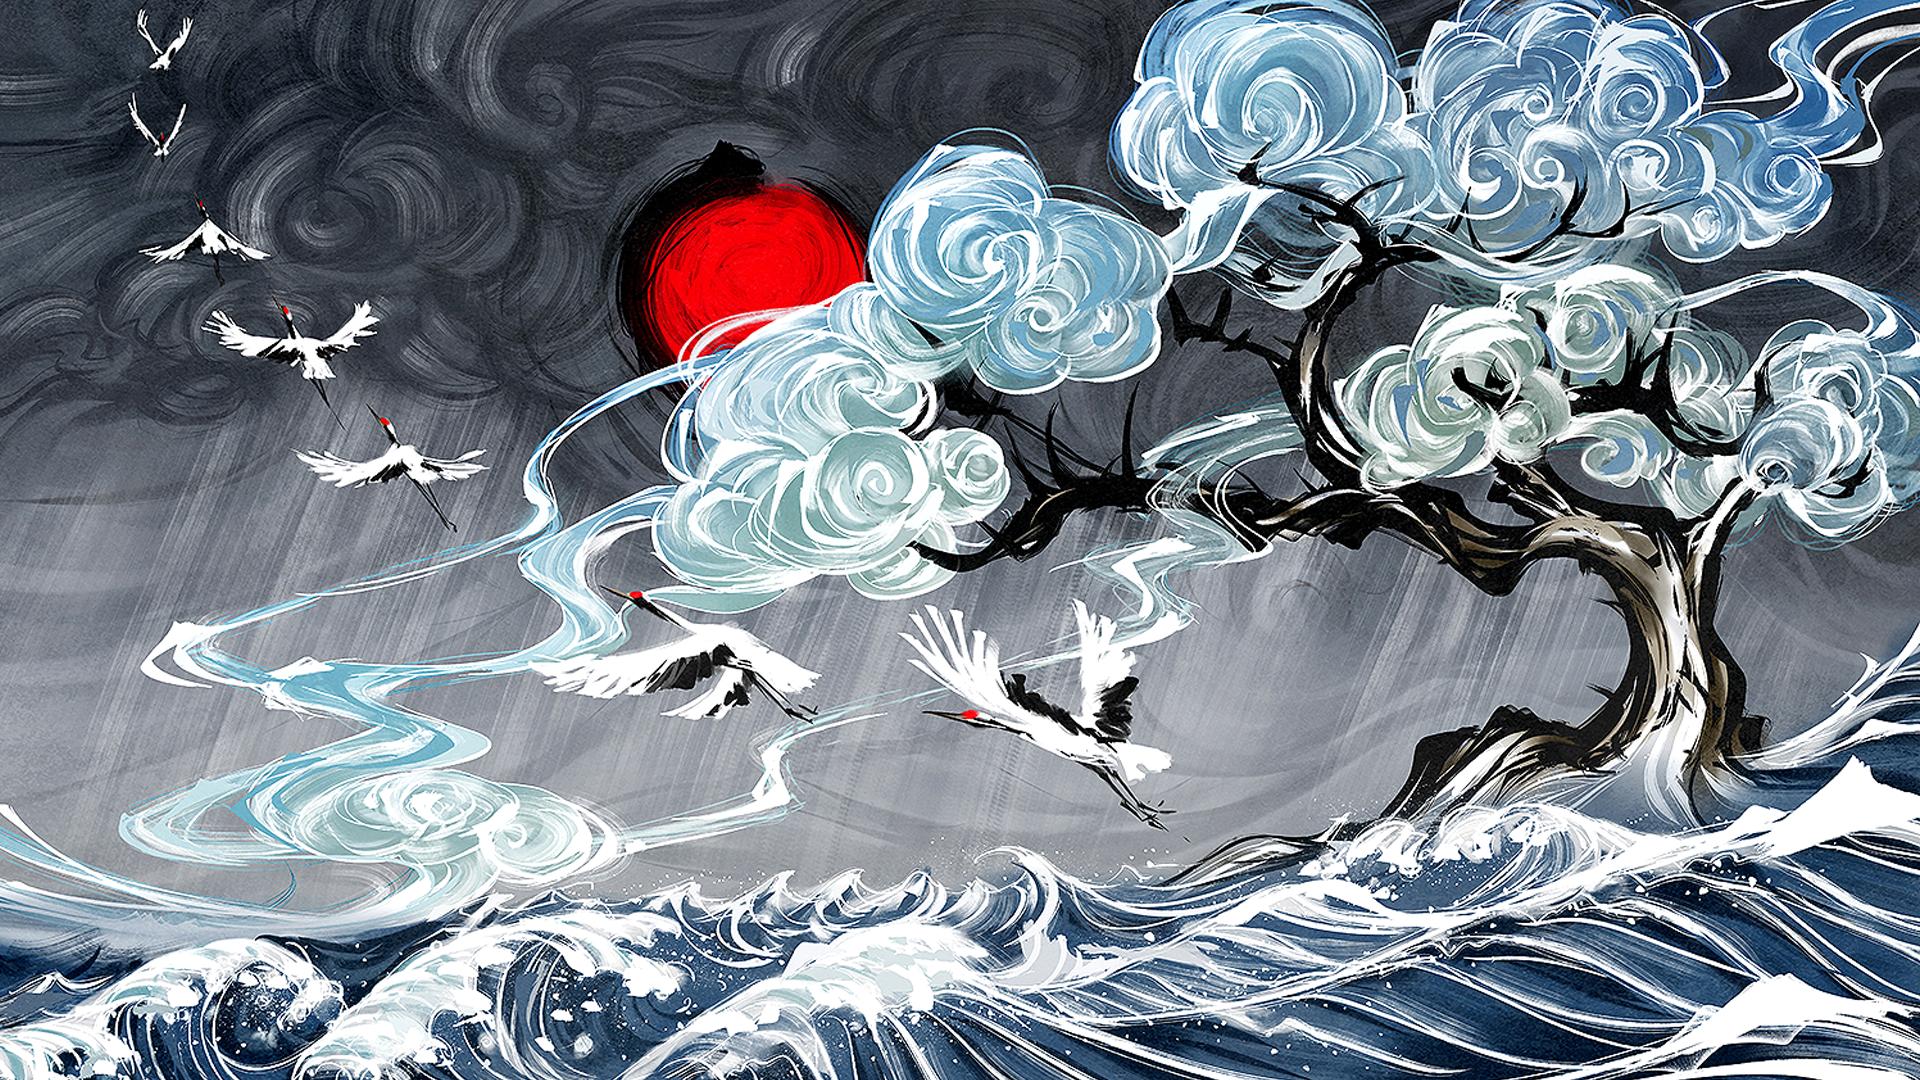 Wallpaper Yuumei Digital Art Water Clouds Waves